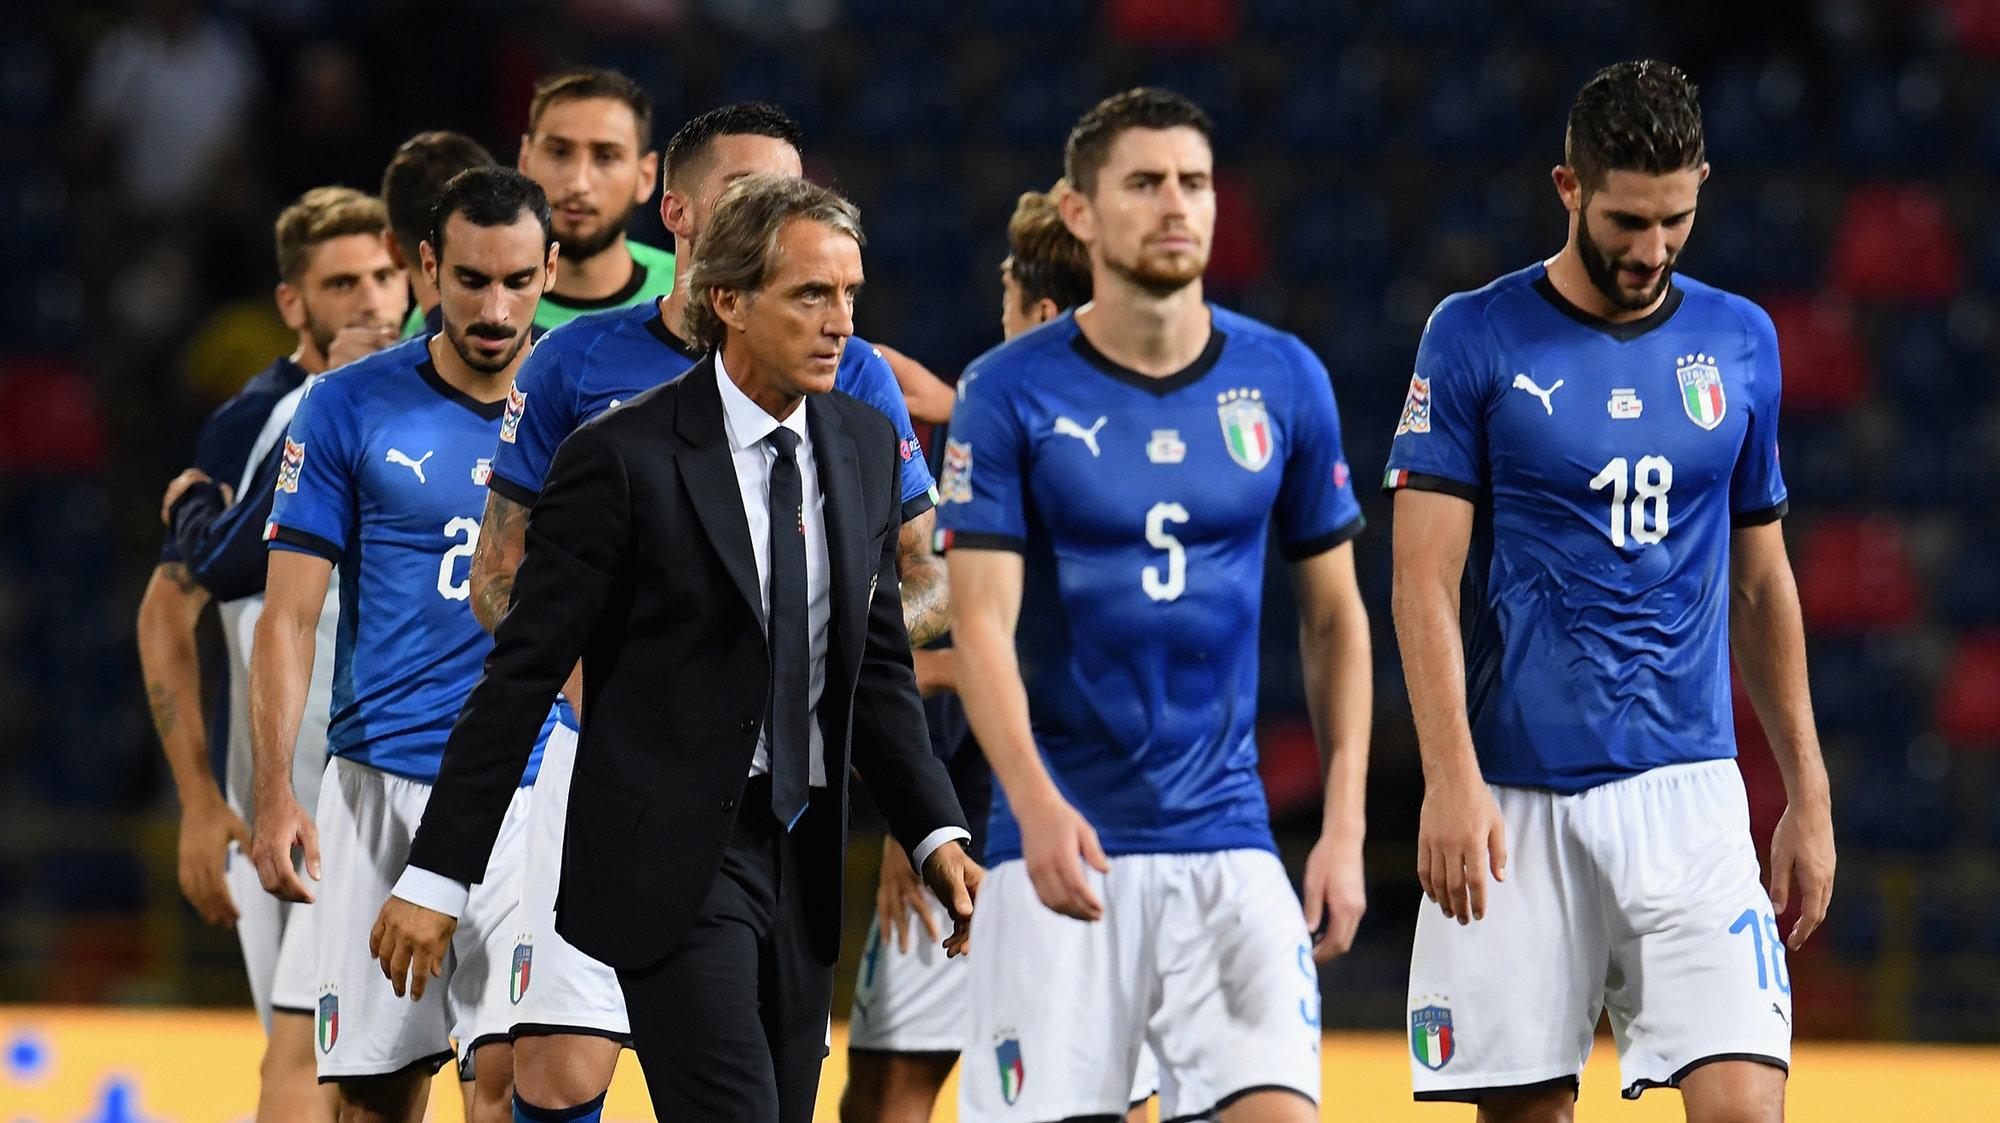 Збірна Італії під керівництвом Роберто Манчіні переживає кризу